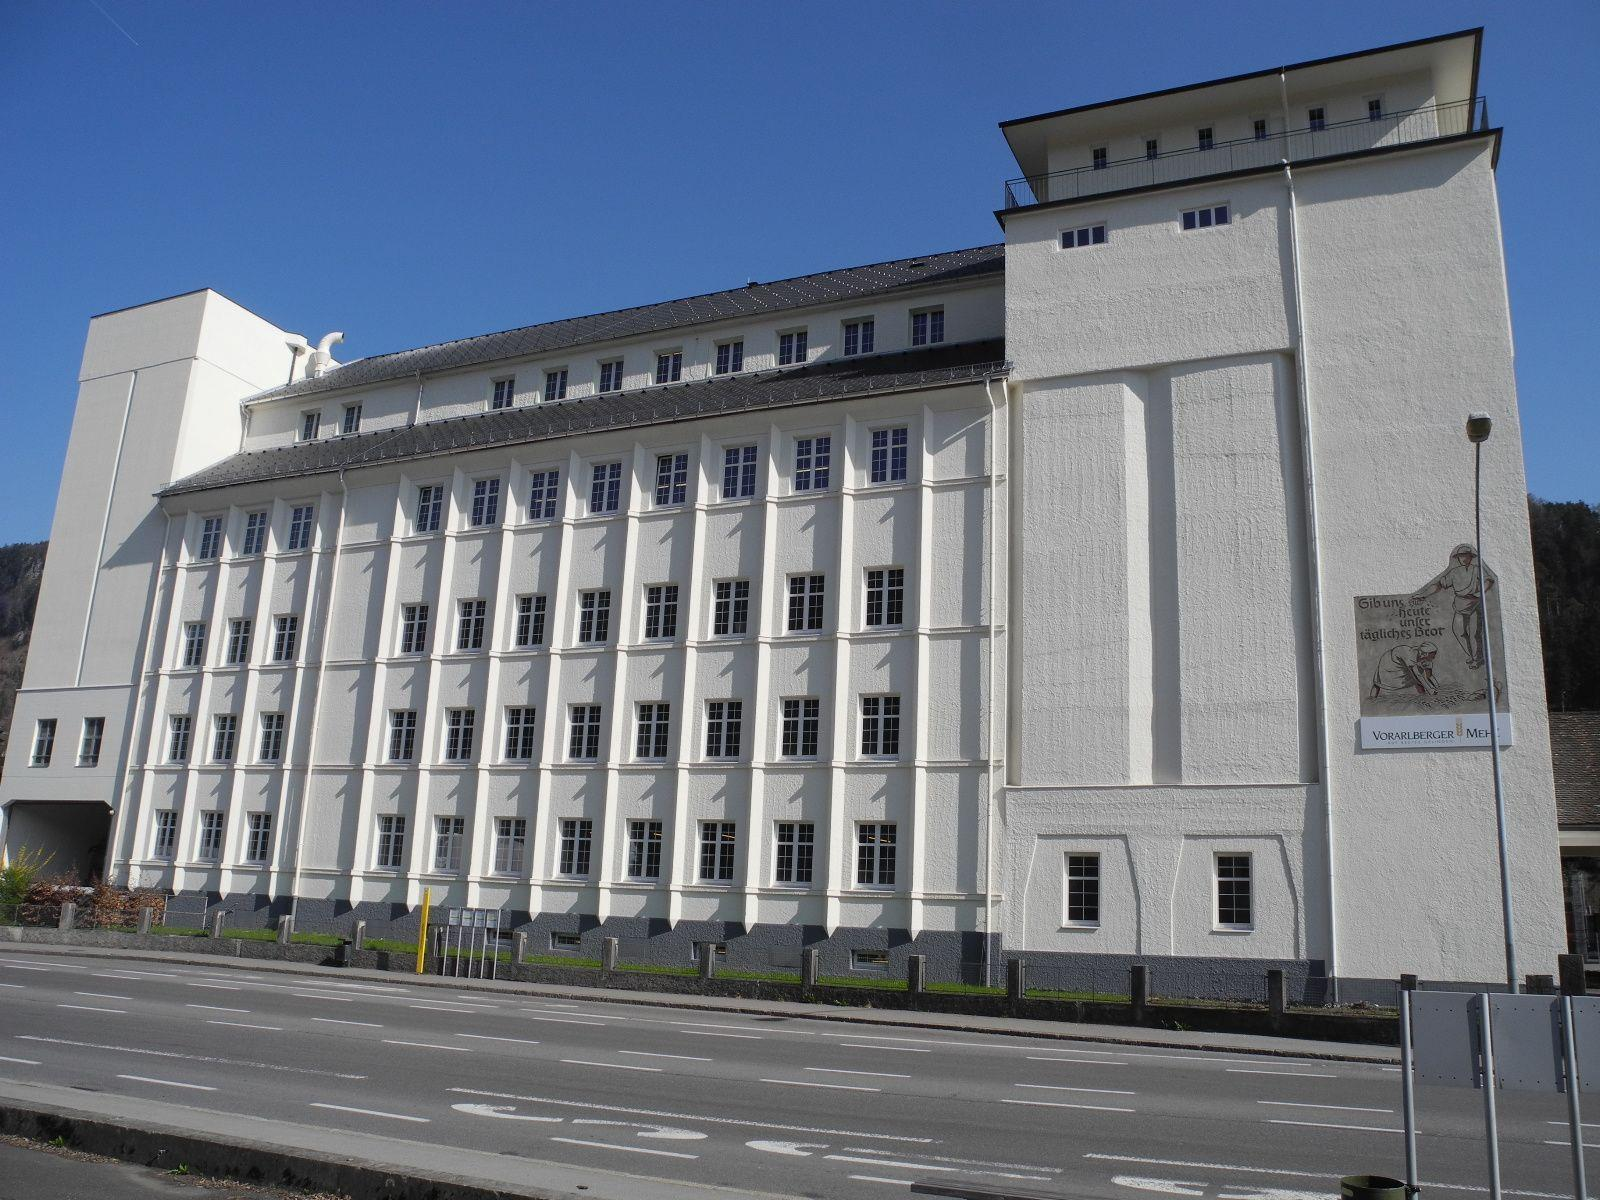 Die neue Fassadenfärbelung hat neuen Glanz nach Levis bzw. die Stadt Feldkirch gebracht.